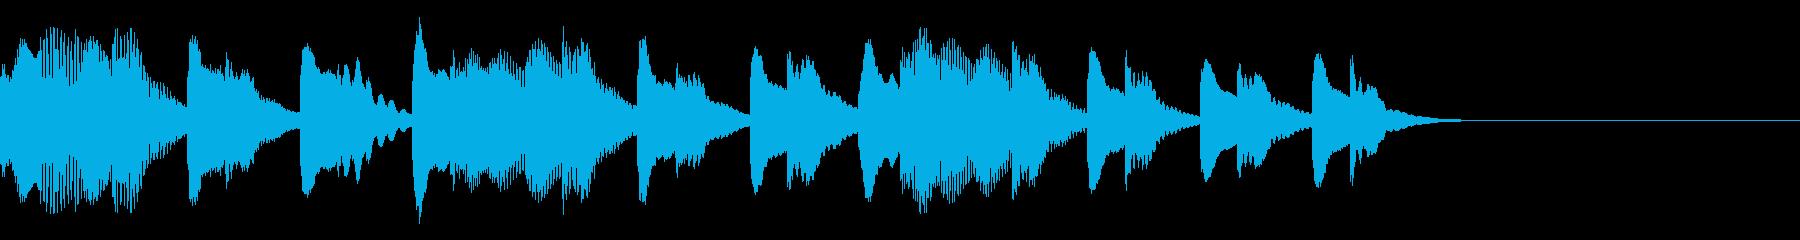 可愛くほのぼのとするマリンバのジングルの再生済みの波形